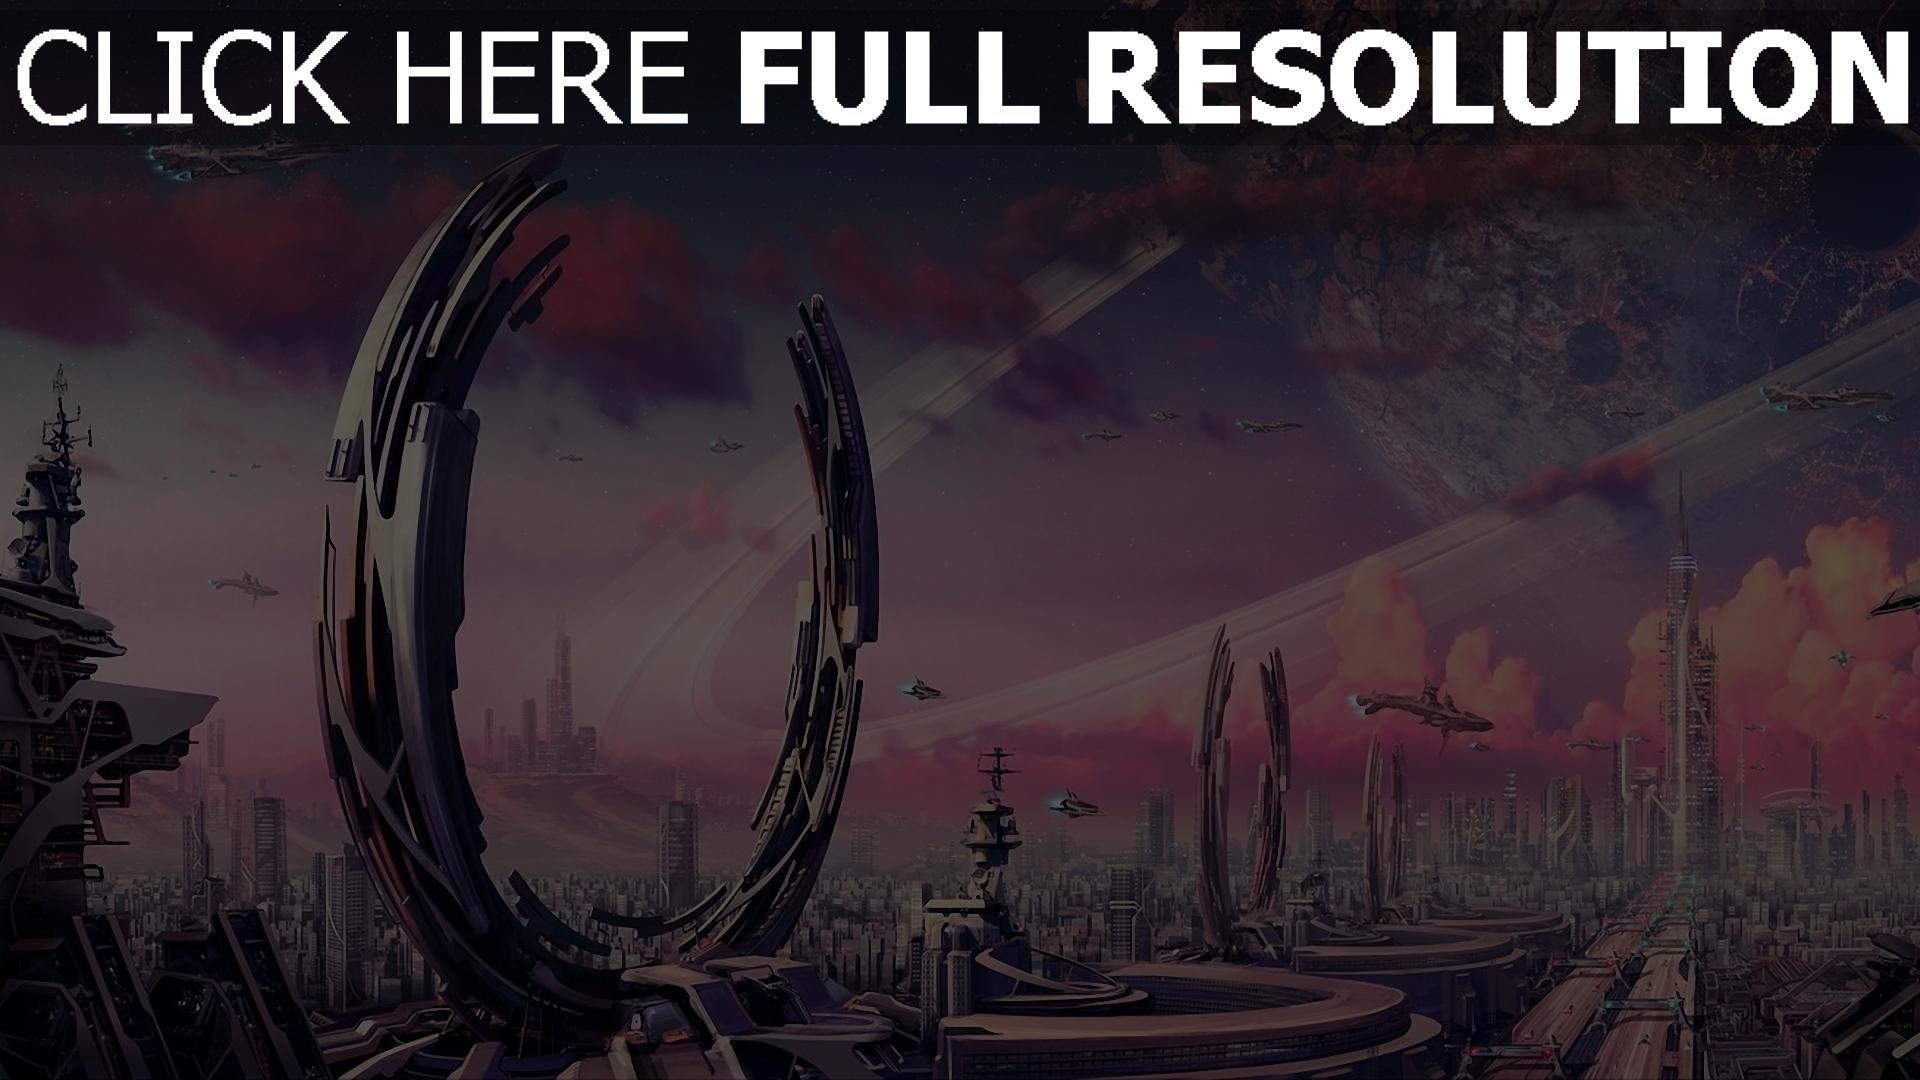 hd hintergrundbilder ringe planeten raumschiff verkehr stadt krater fantasie 1920x1080